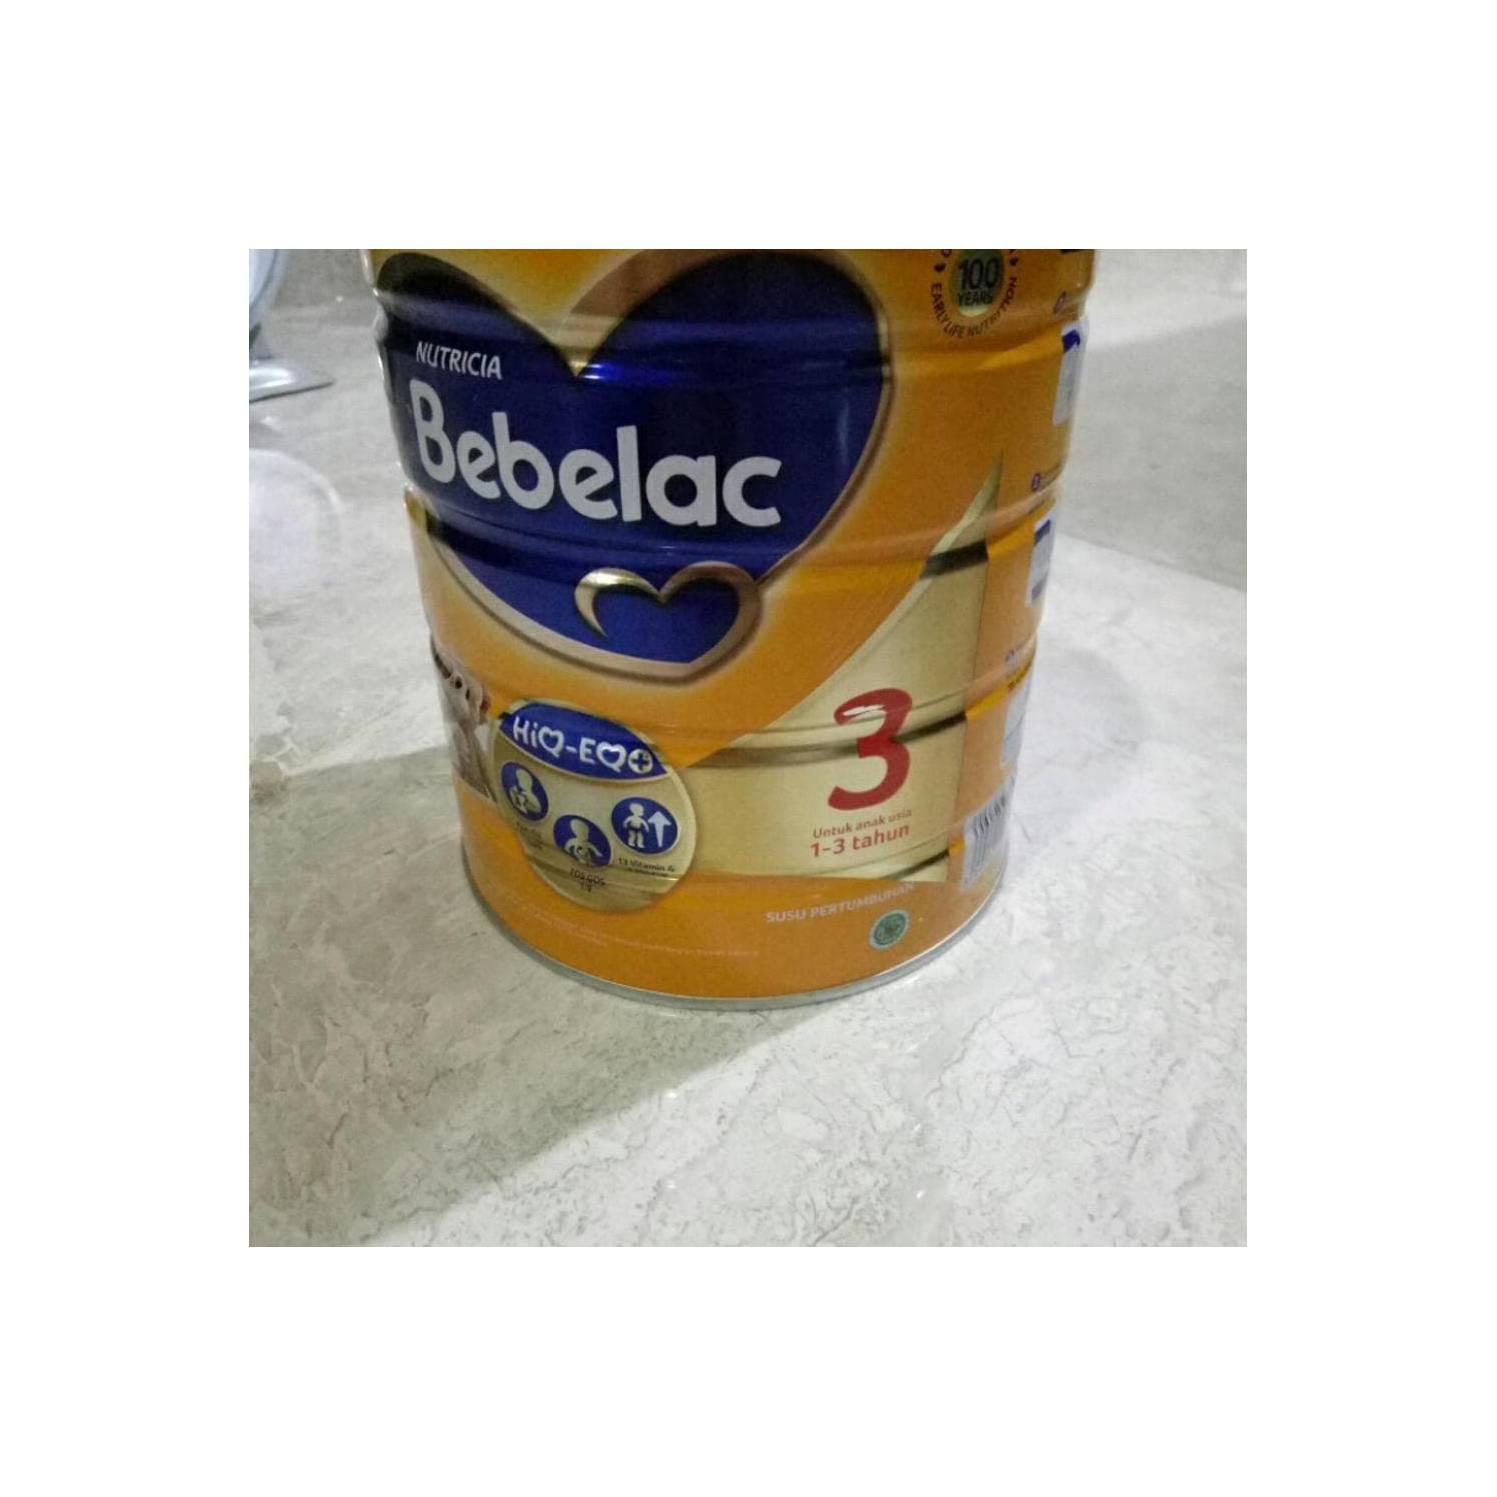 Jual Susu Anak Nutricia Murah Garansi Dan Berkualitas Id Store Rajasusu Bebelove 2 800 Gr Rp 280000